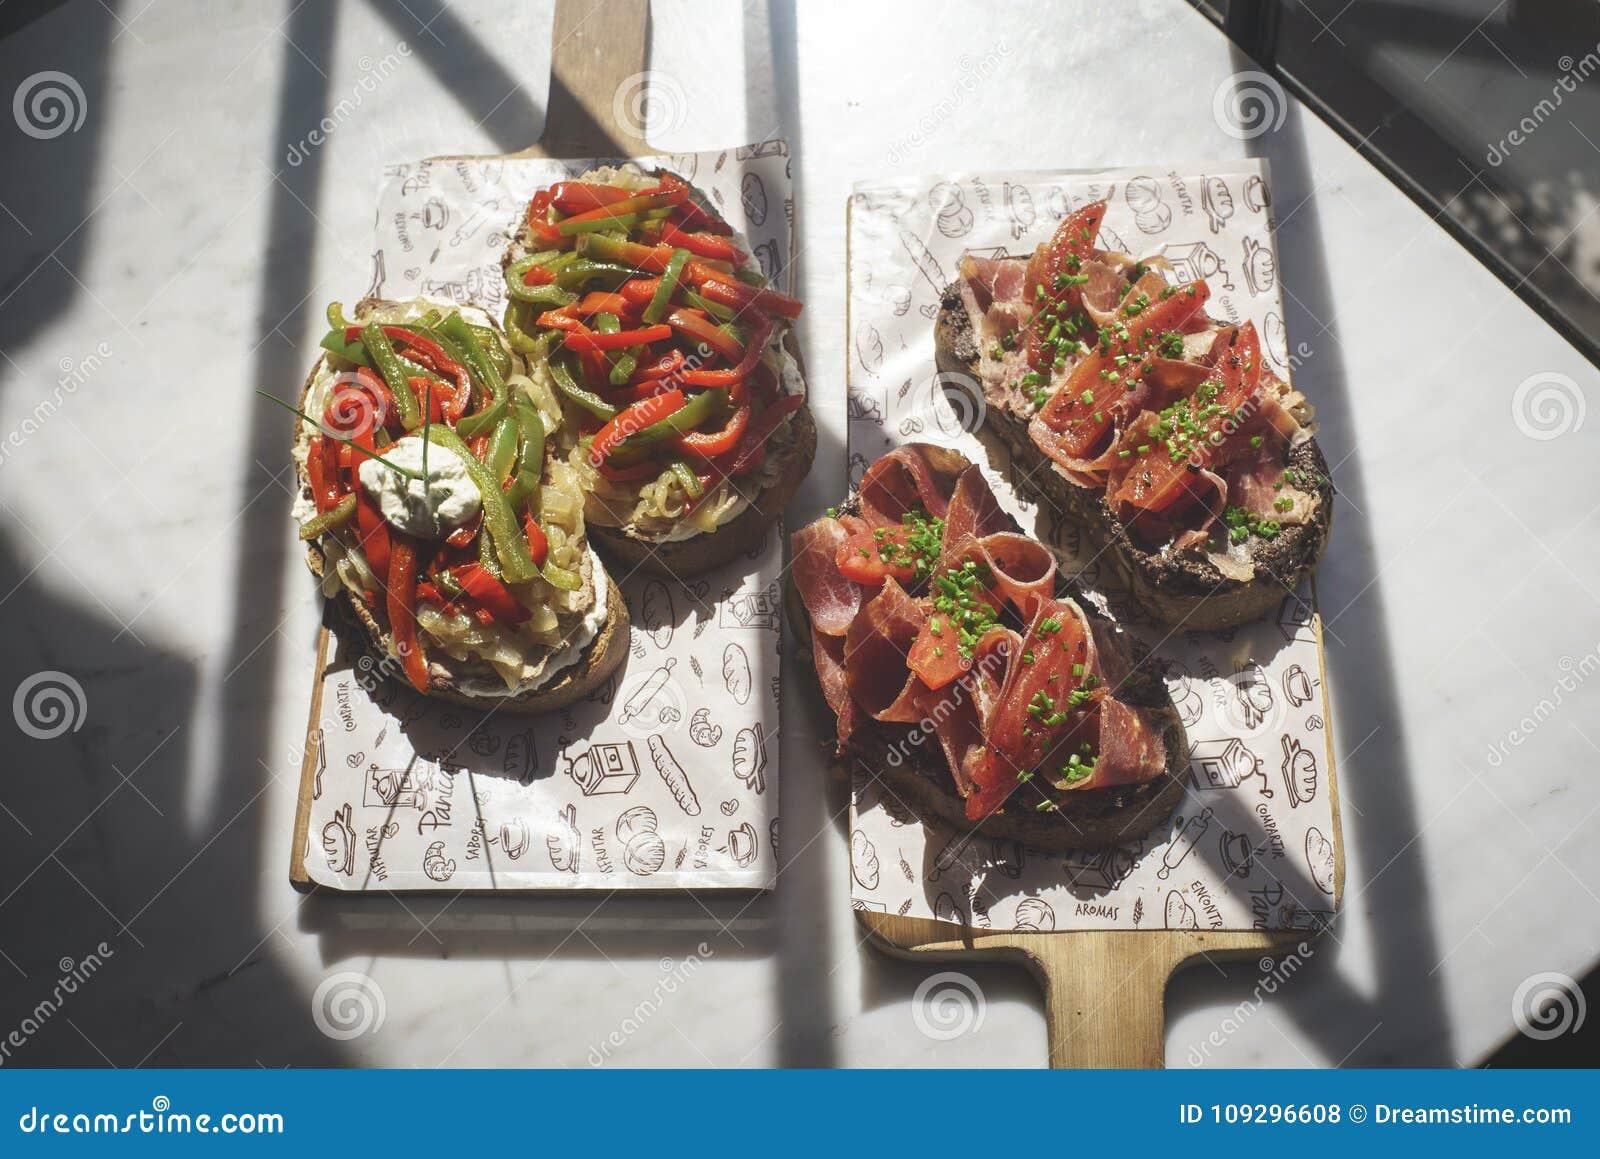 Богатое brusque ветчины служило съесть на обеде